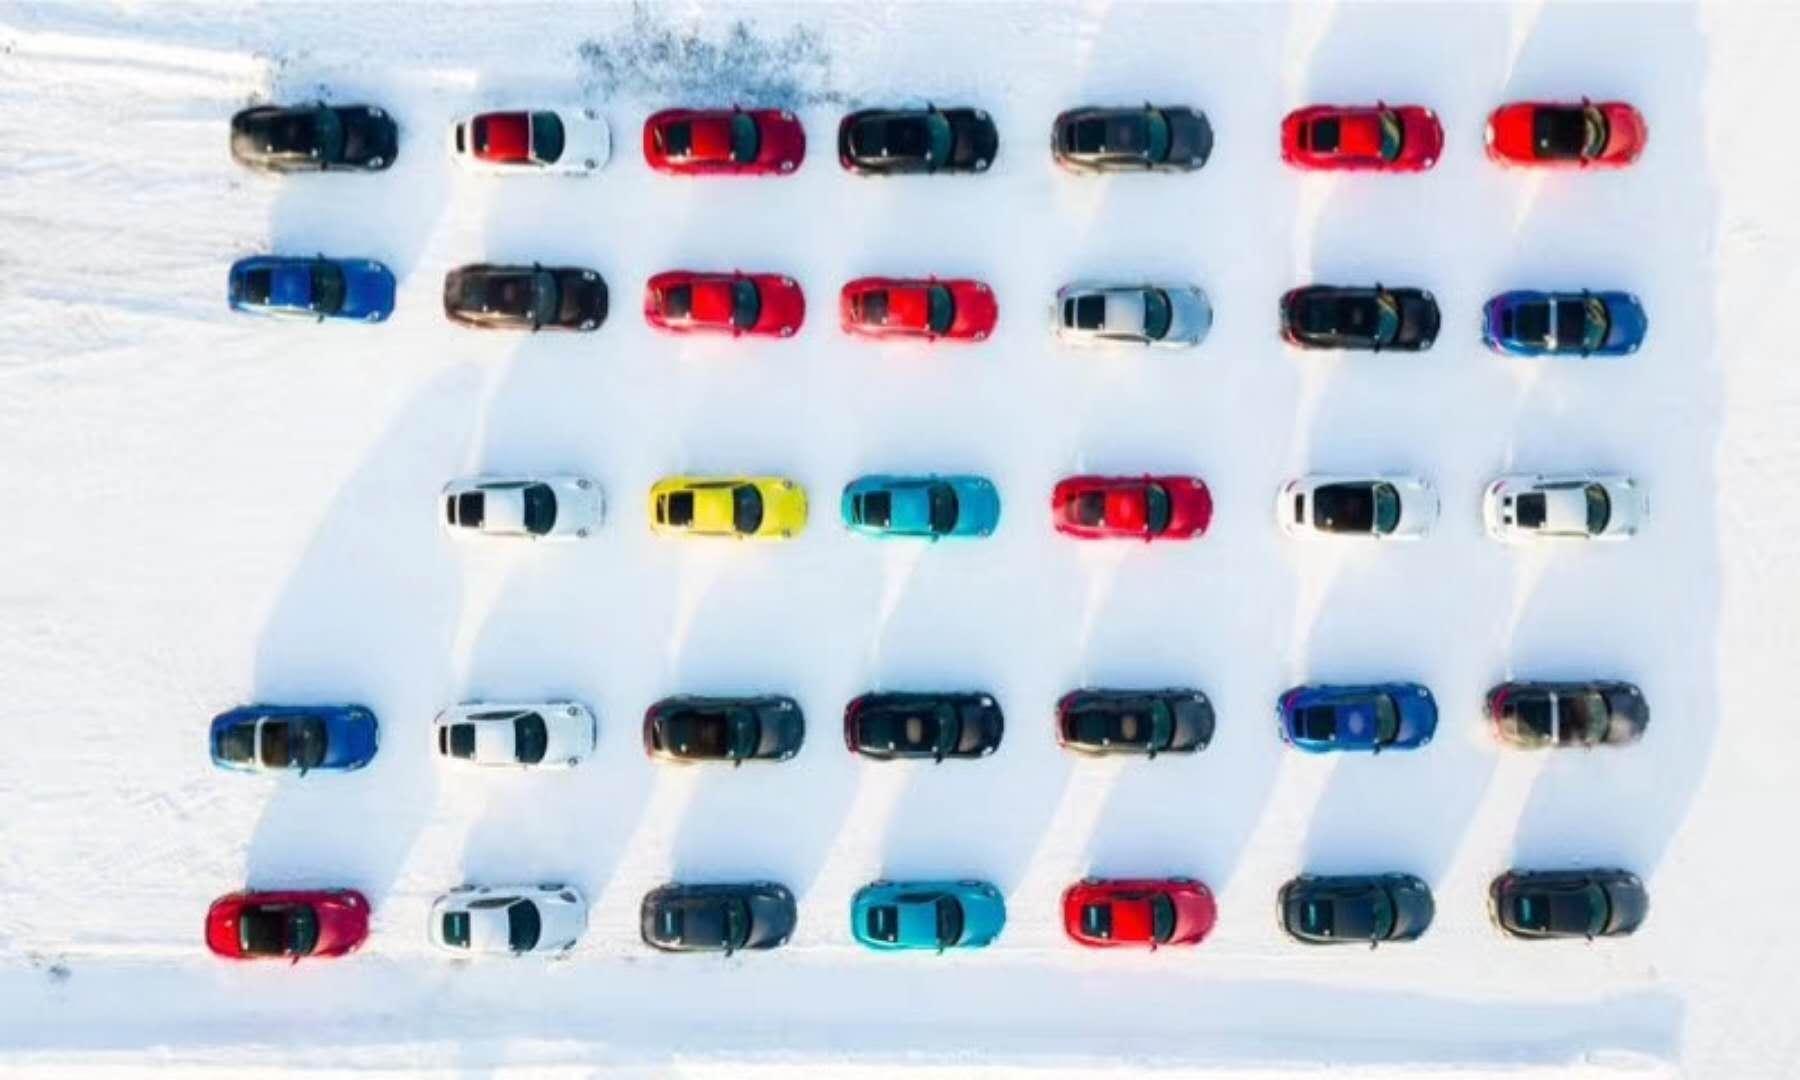 3.9万的凌驾风雪 保时捷传授关于驾驶的哲学